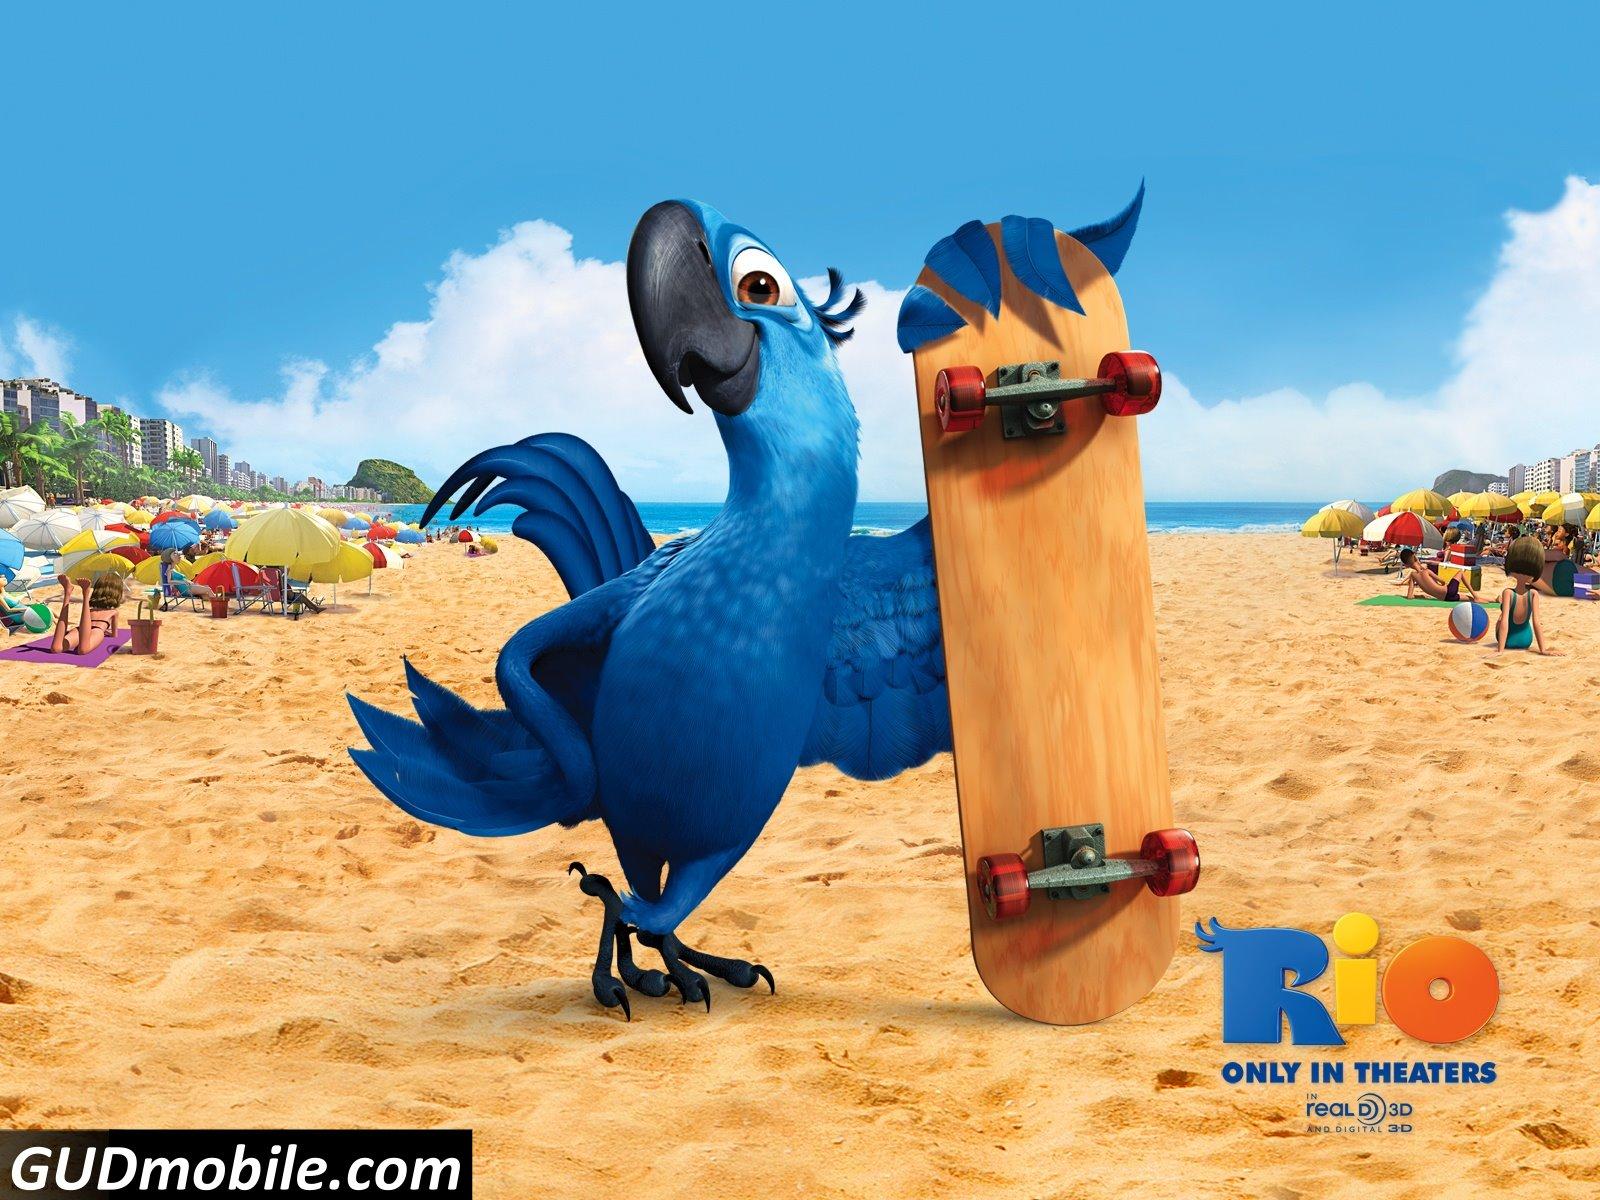 http://3.bp.blogspot.com/-TlwhERjNjgQ/TbOKigswdWI/AAAAAAAADHQ/LvAGkaI4uQU/s1600/blu_in_rio_movie-1600x1200.jpg